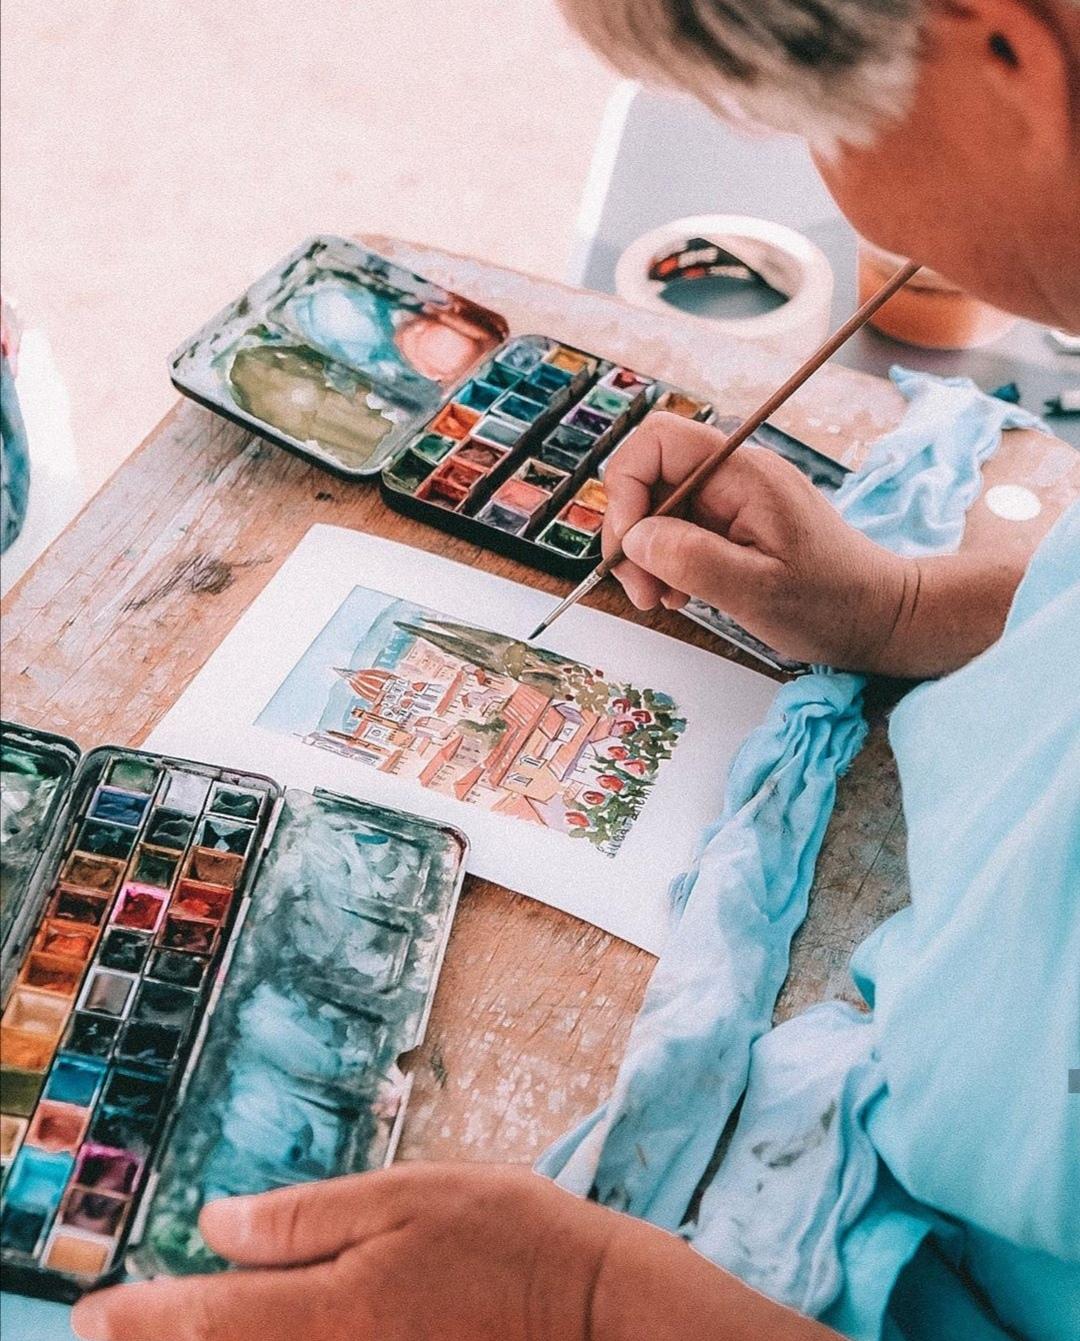 profilo di donna che dipinge con acquerelli, pennello e tavolozza